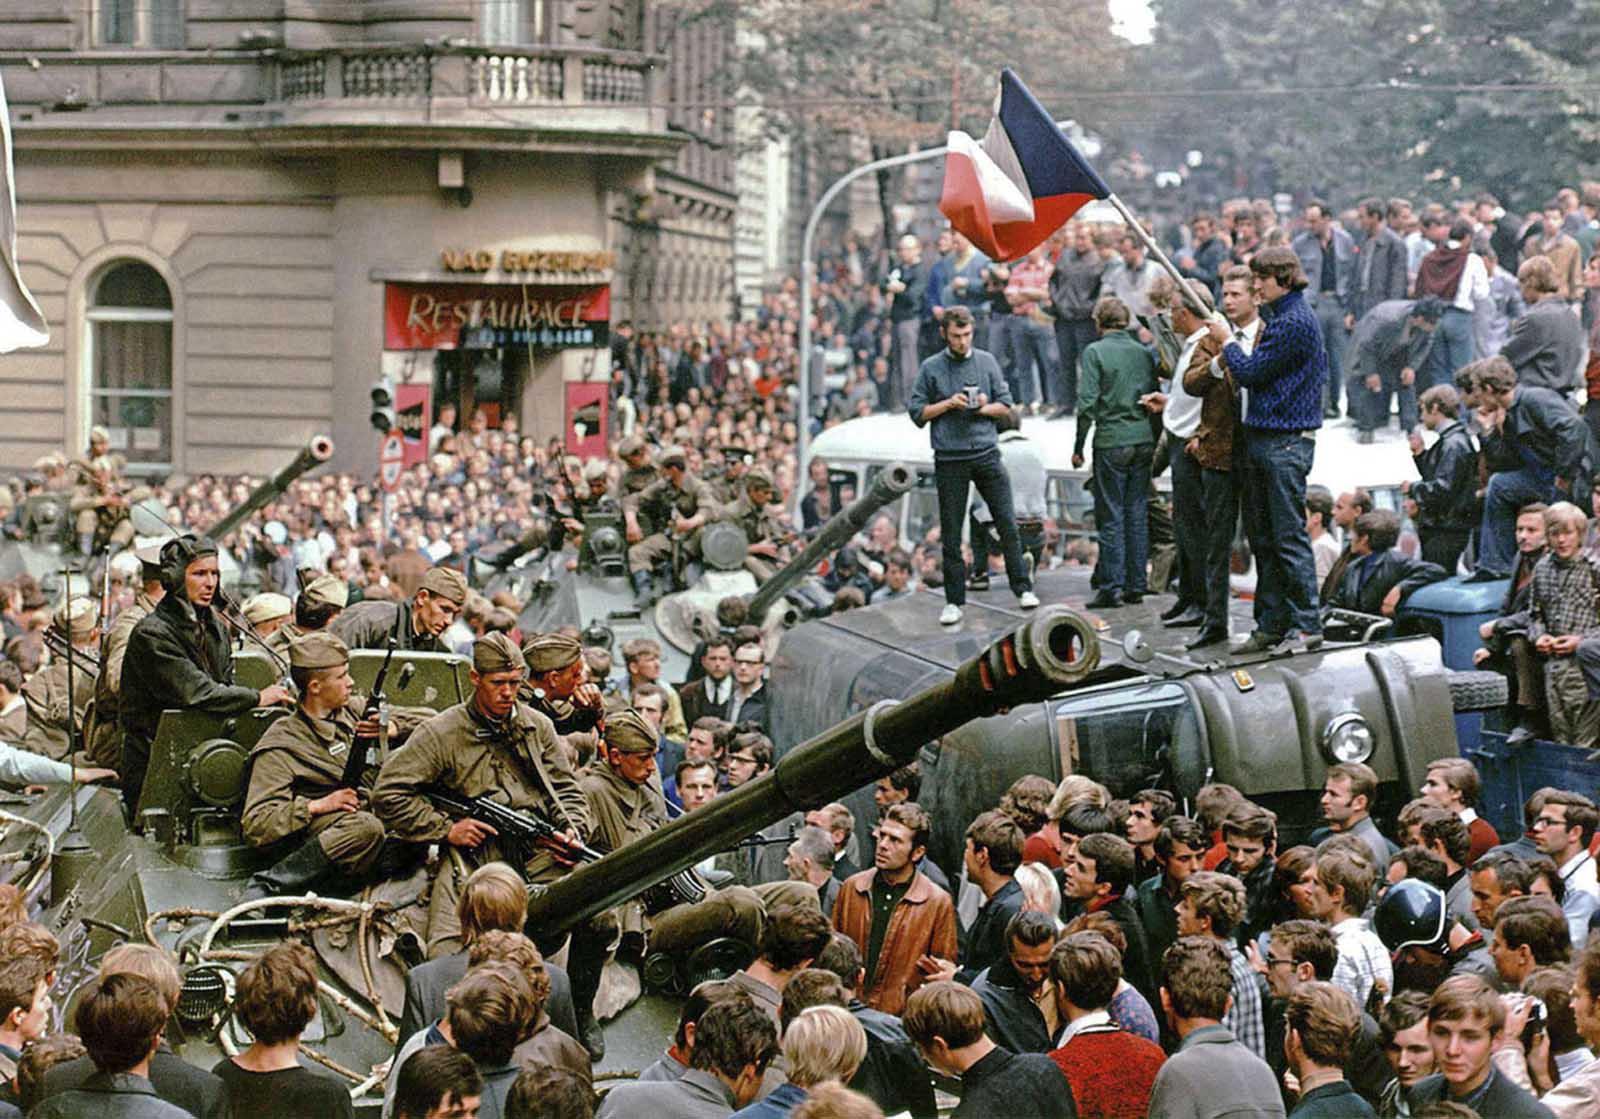 Los residentes de Praga rodean los tanques soviéticos frente al edificio de la Radio checoslovaca, en el centro de Praga, durante el primer día de la invasión de Checoslovaquia dirigida por los soviéticos, el 21 de agosto de 1968.